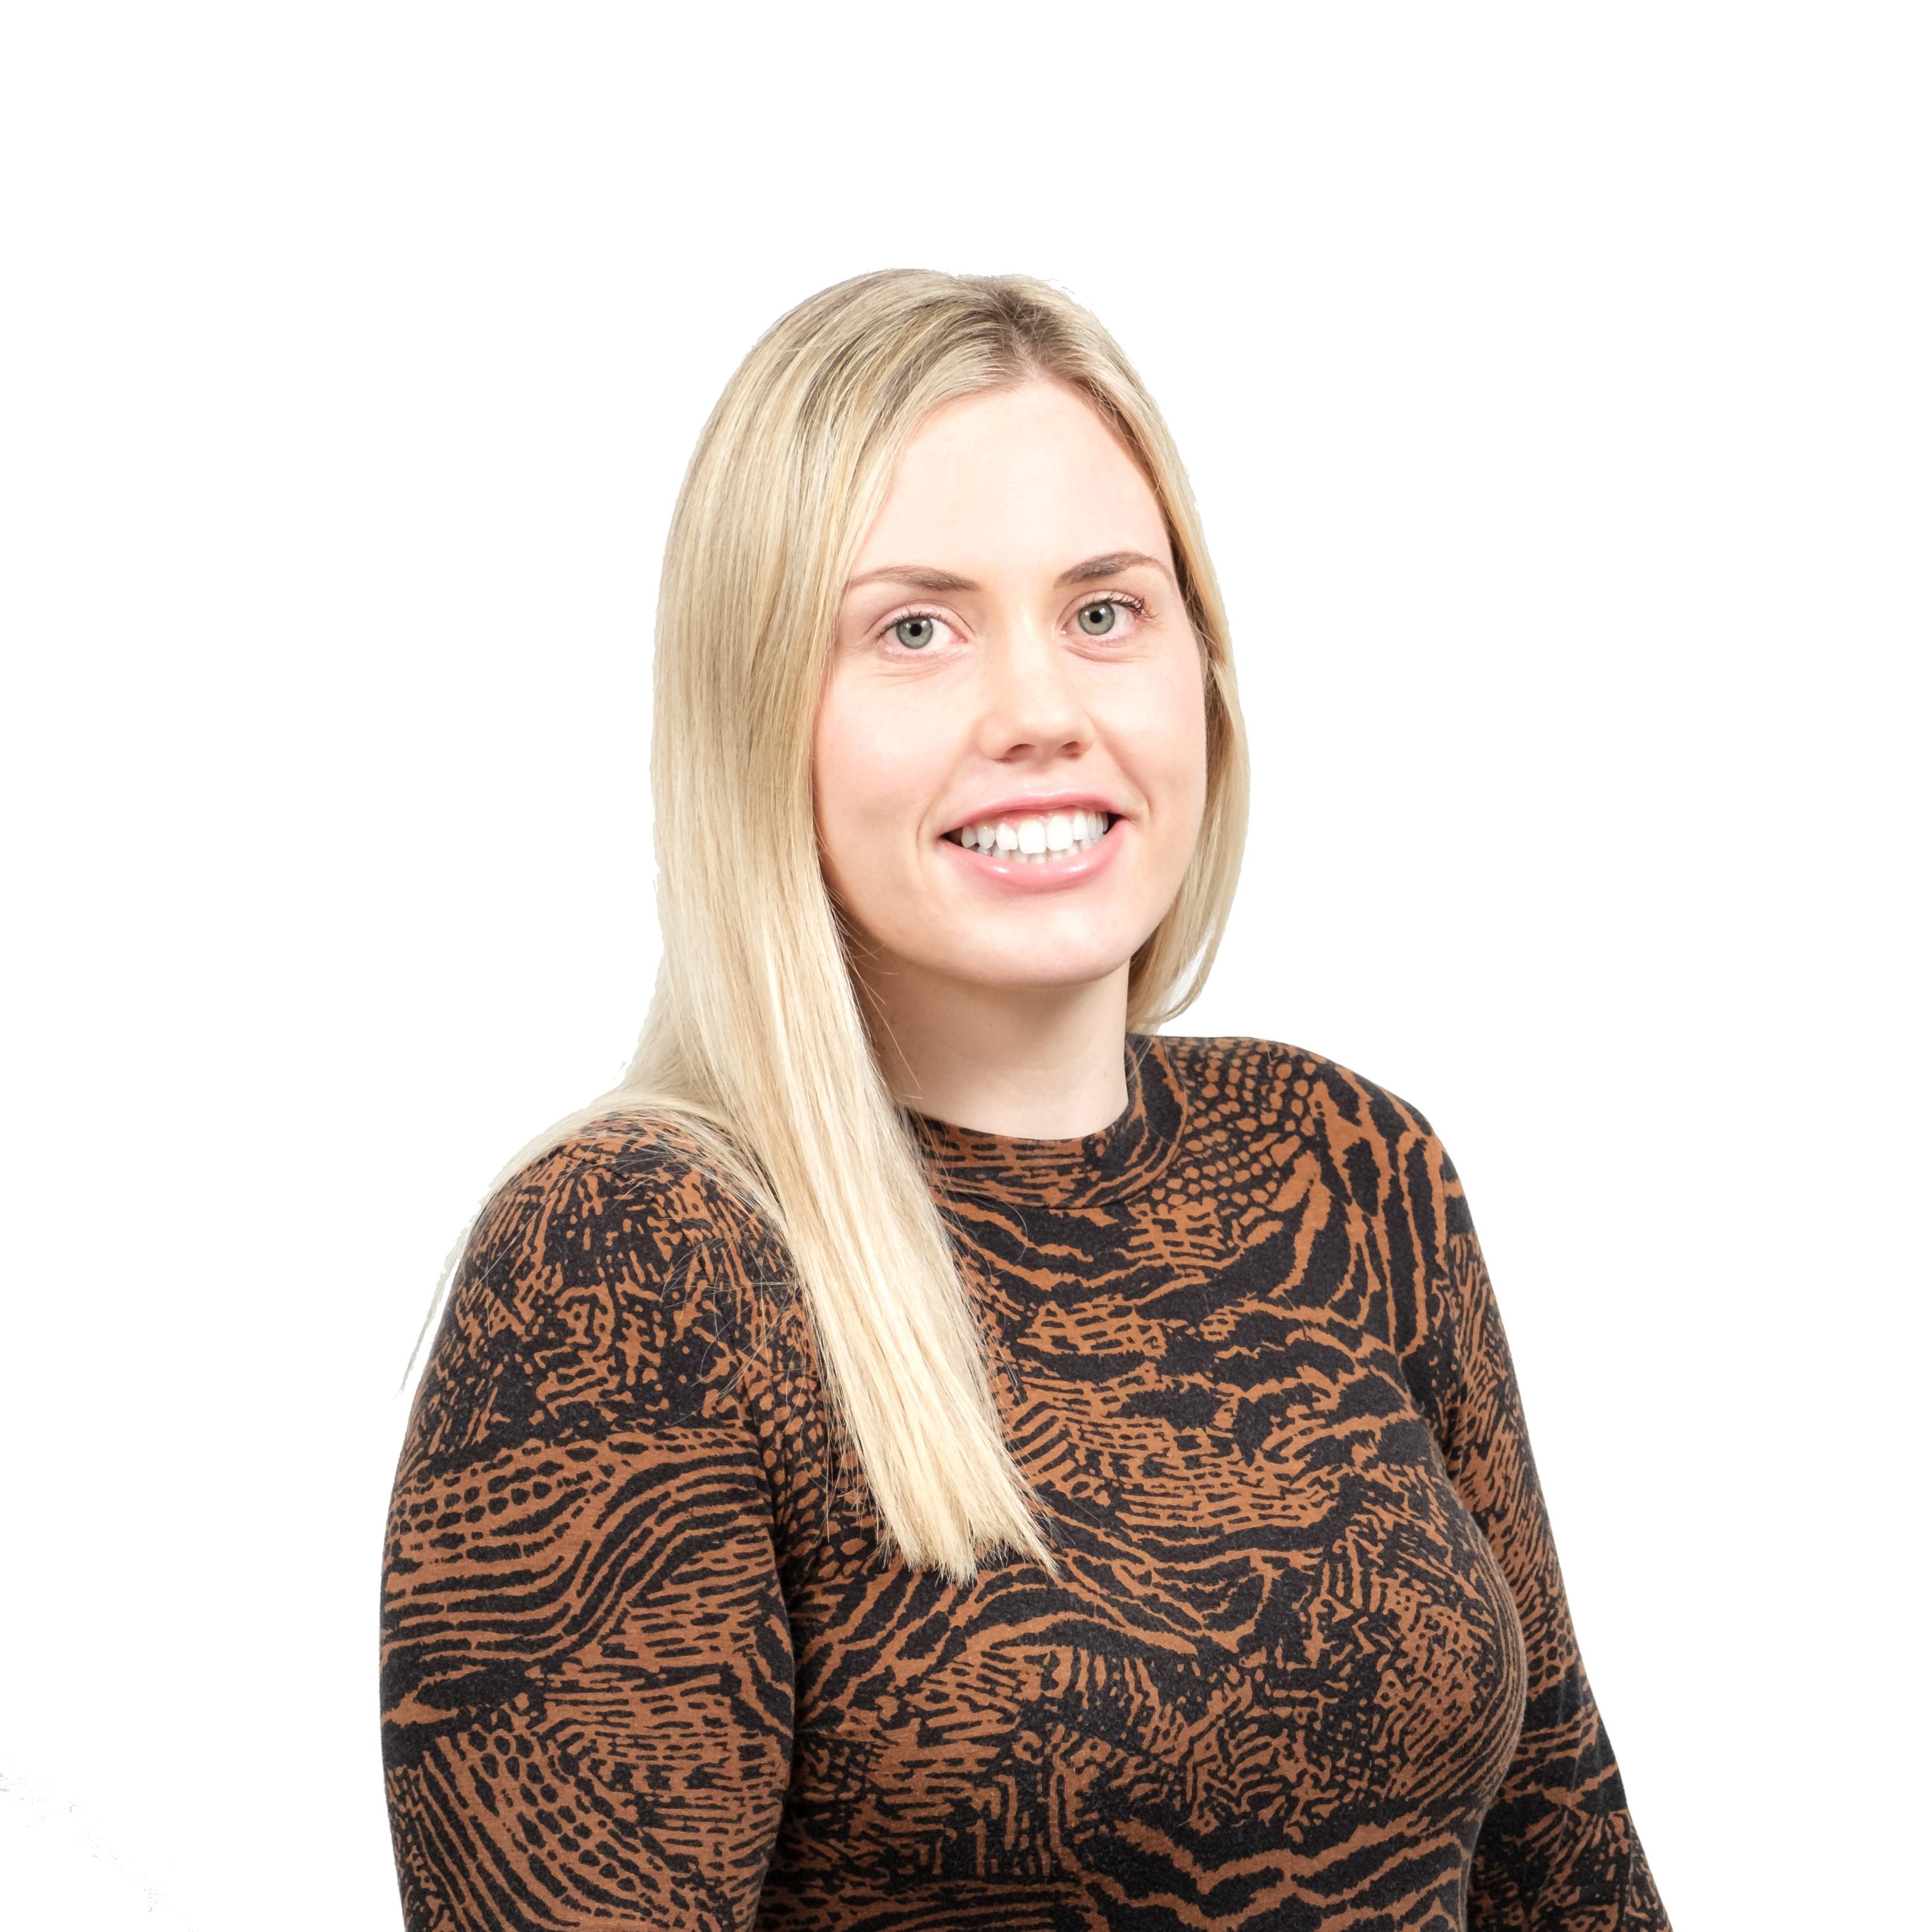 Niamh Connolly